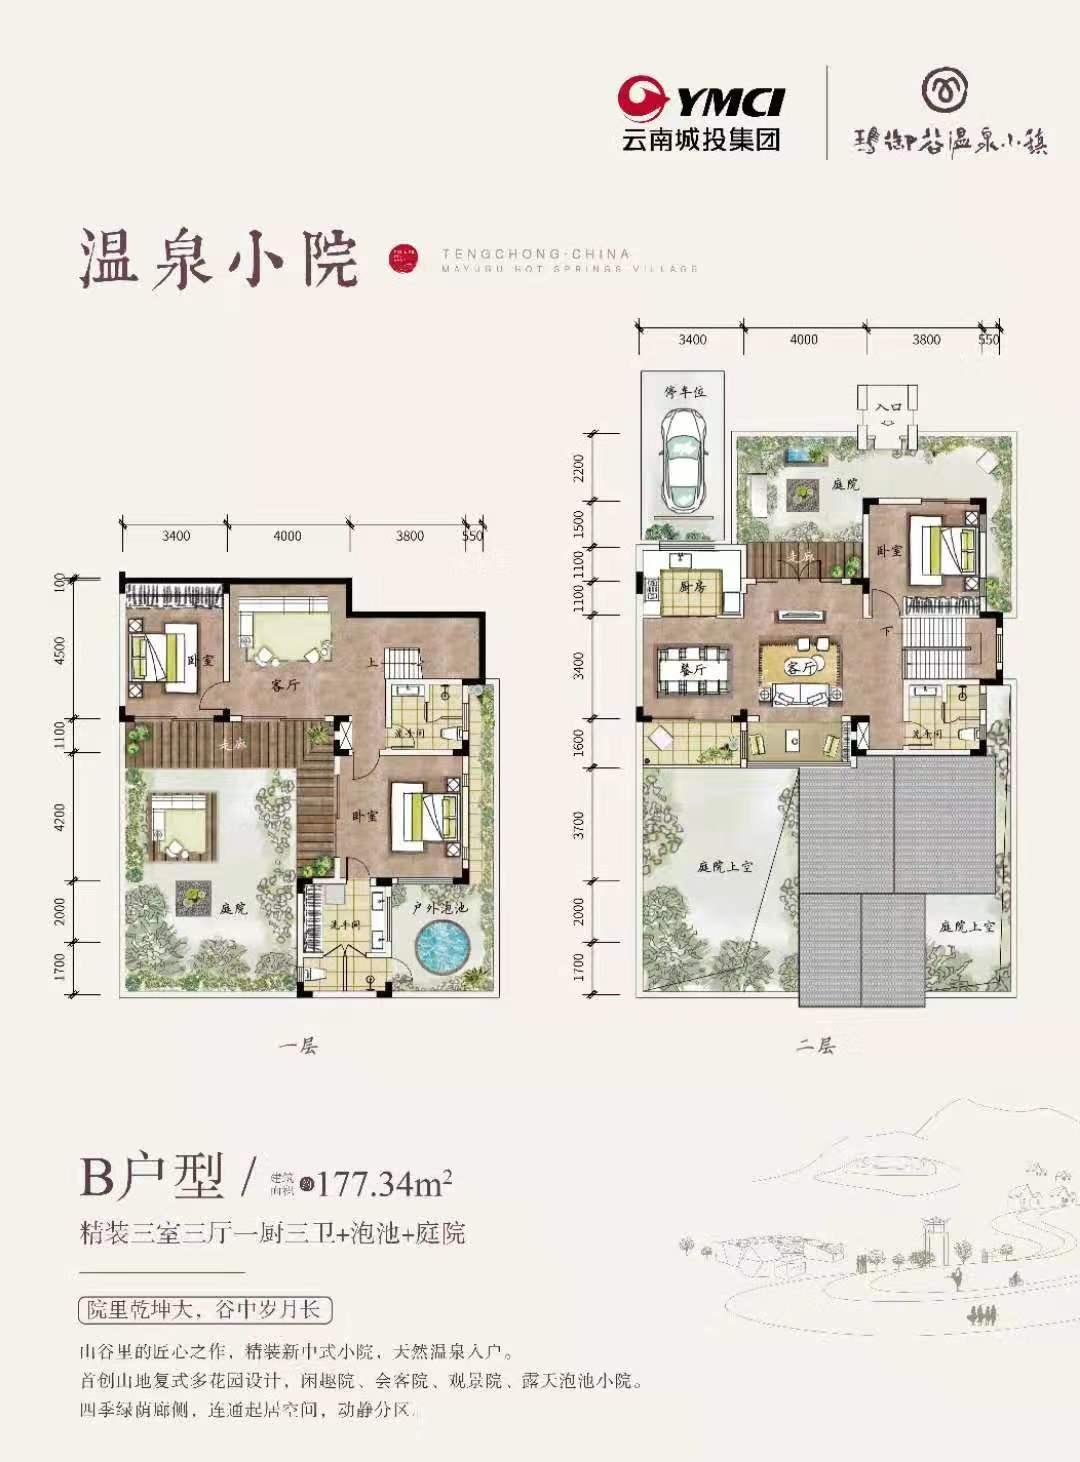 温泉小院B  3室3厅3卫 建面177.34㎡